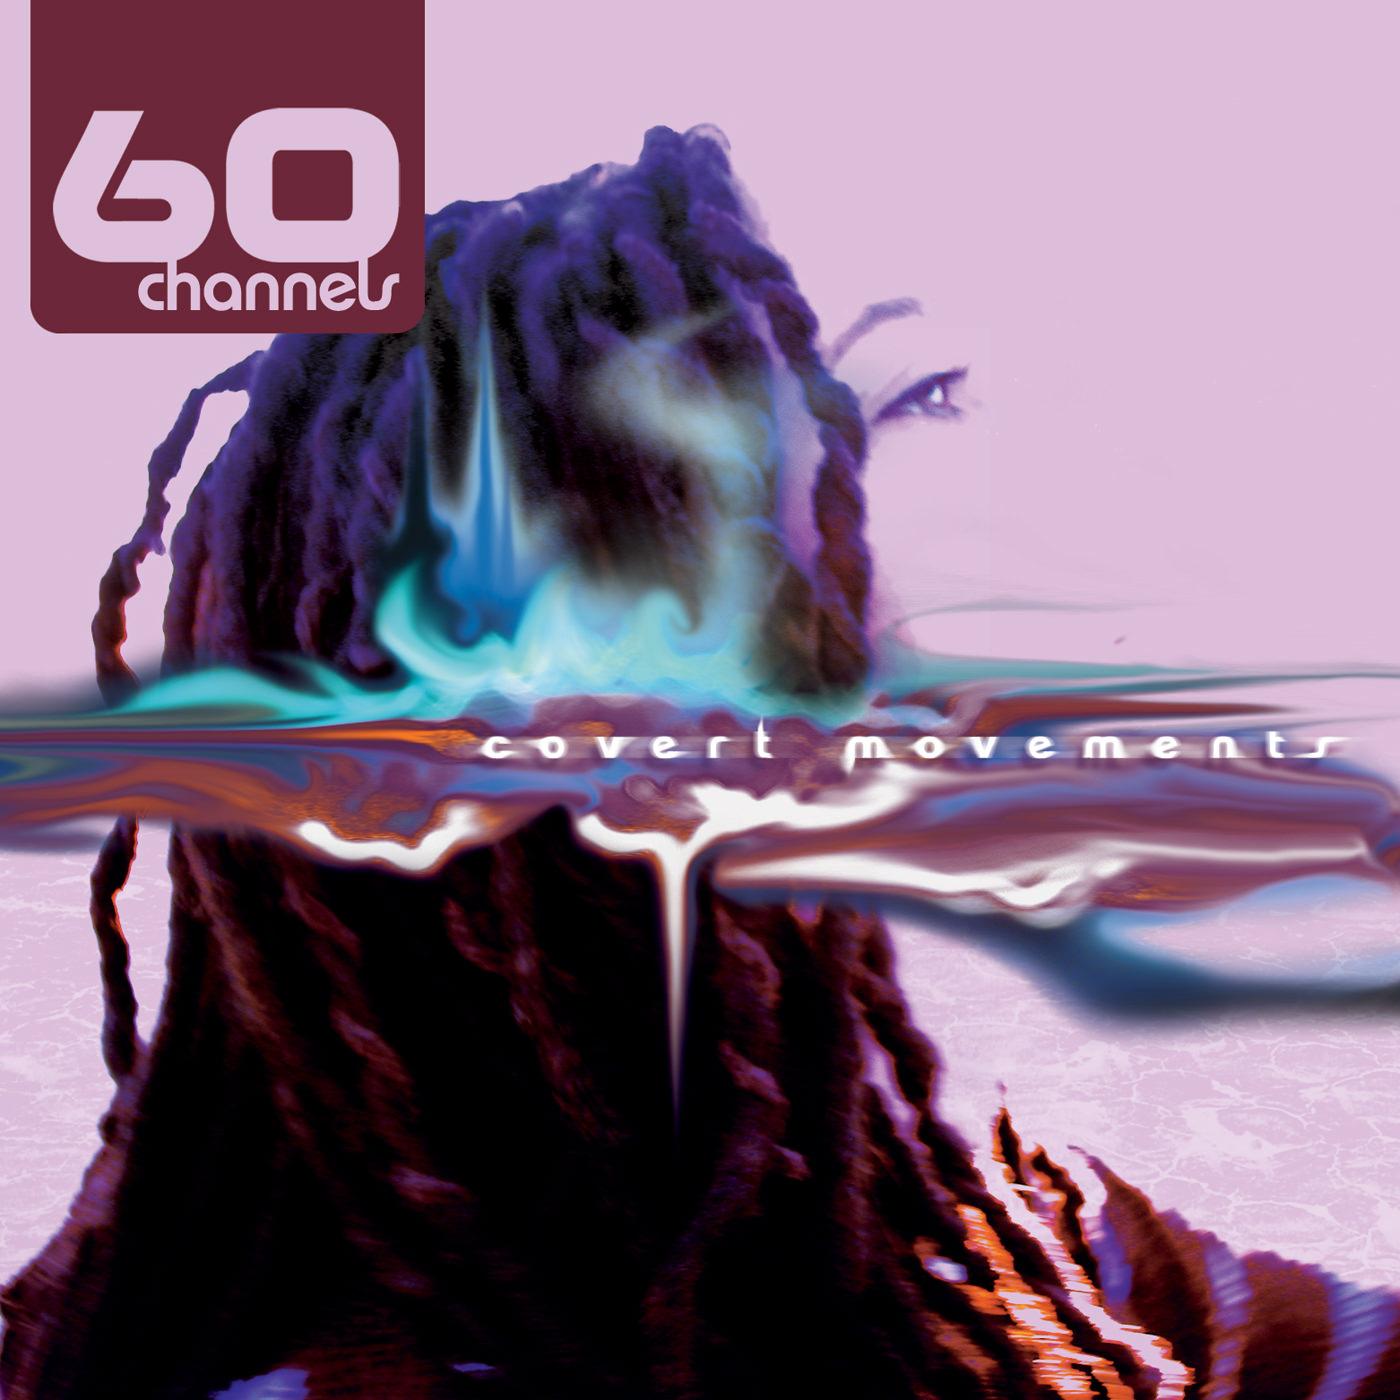 60 Channels - Covert Movements - album